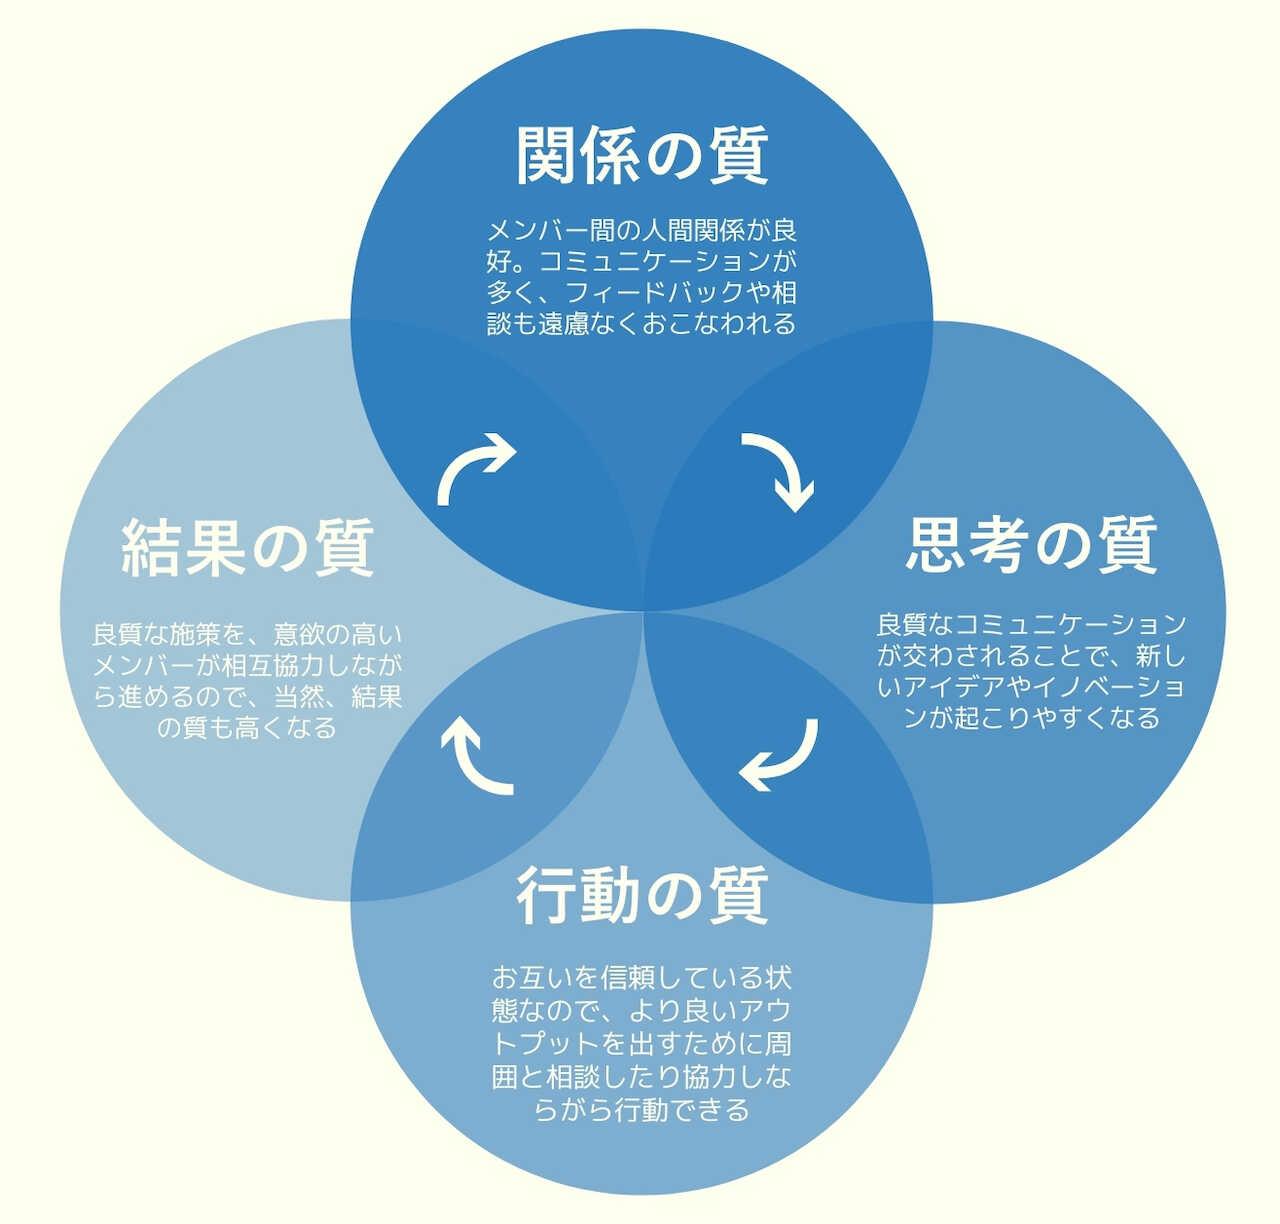 成功循環モデルのグッドサイクルを表した図